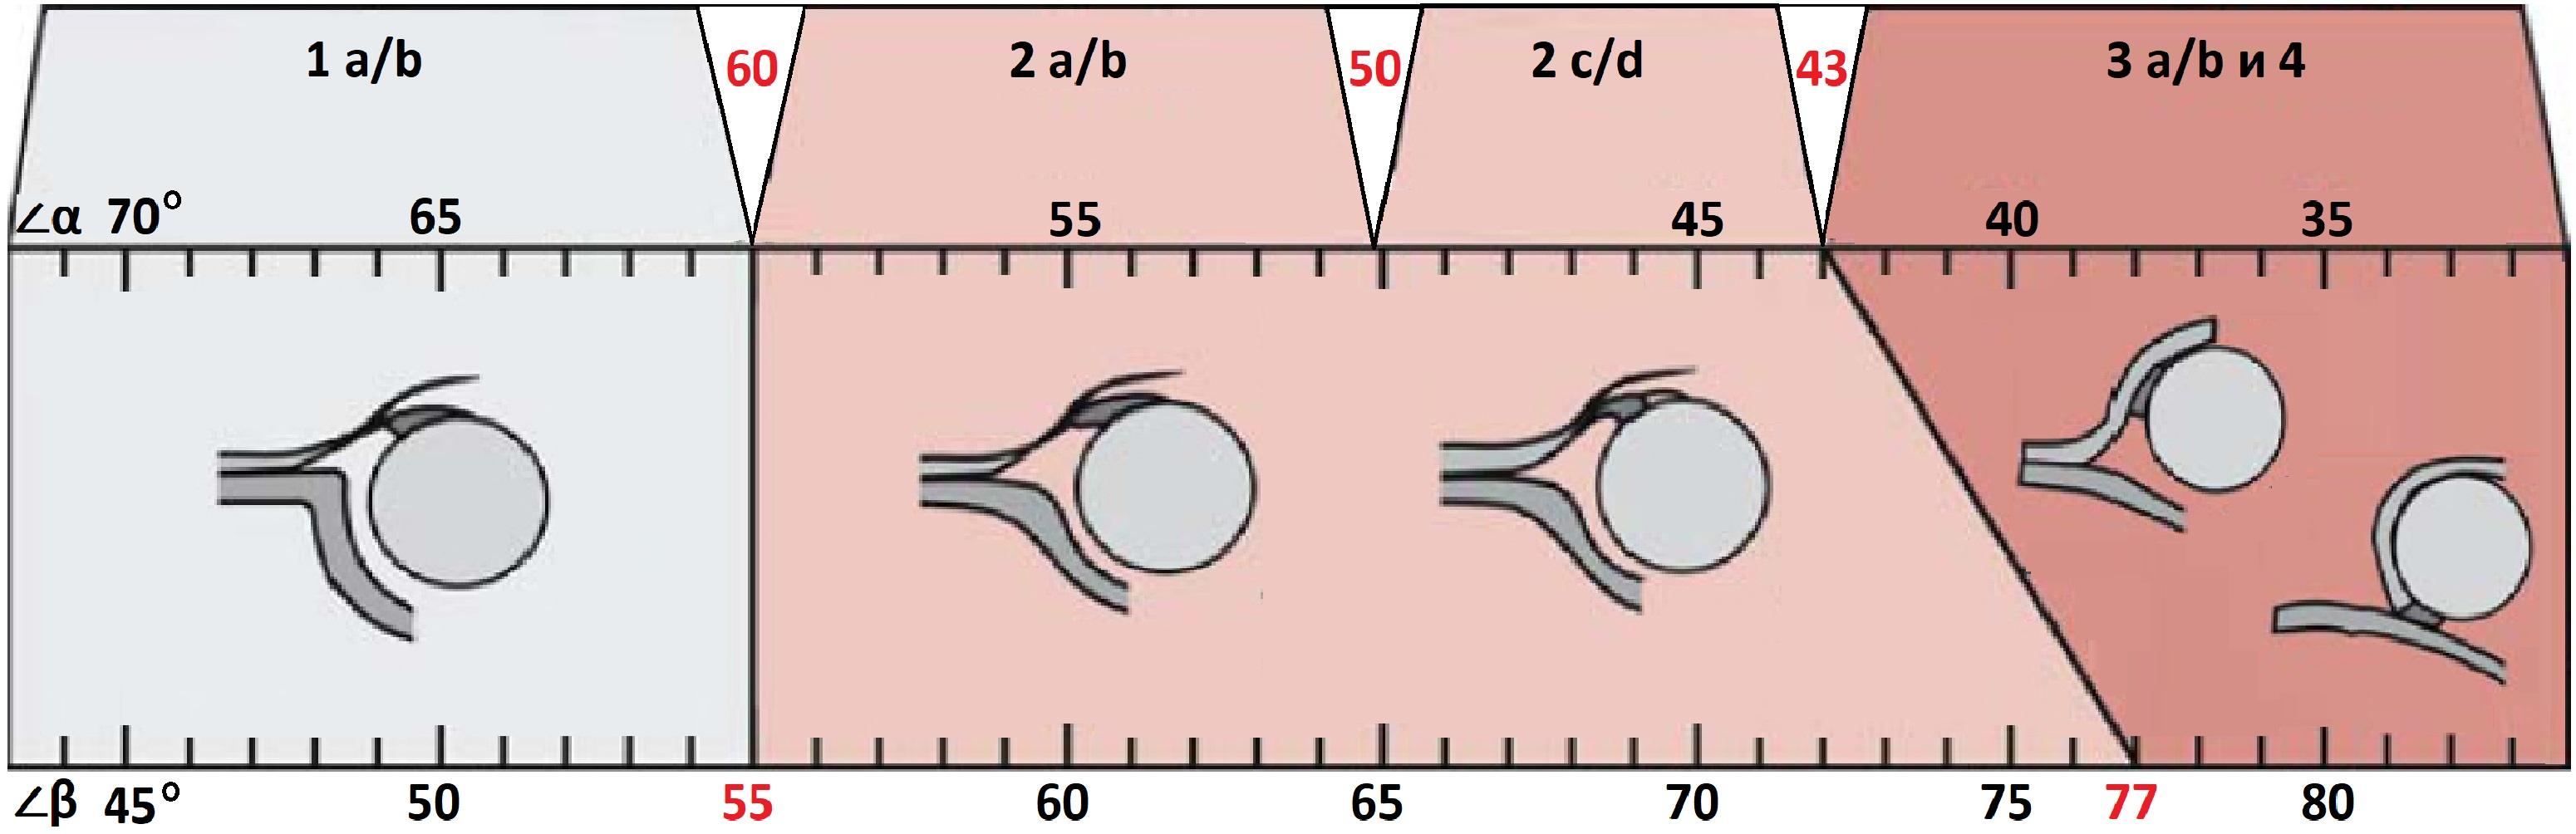 Изображение - Узд тазобедренного сустава у детей презентация Sonogramma-3